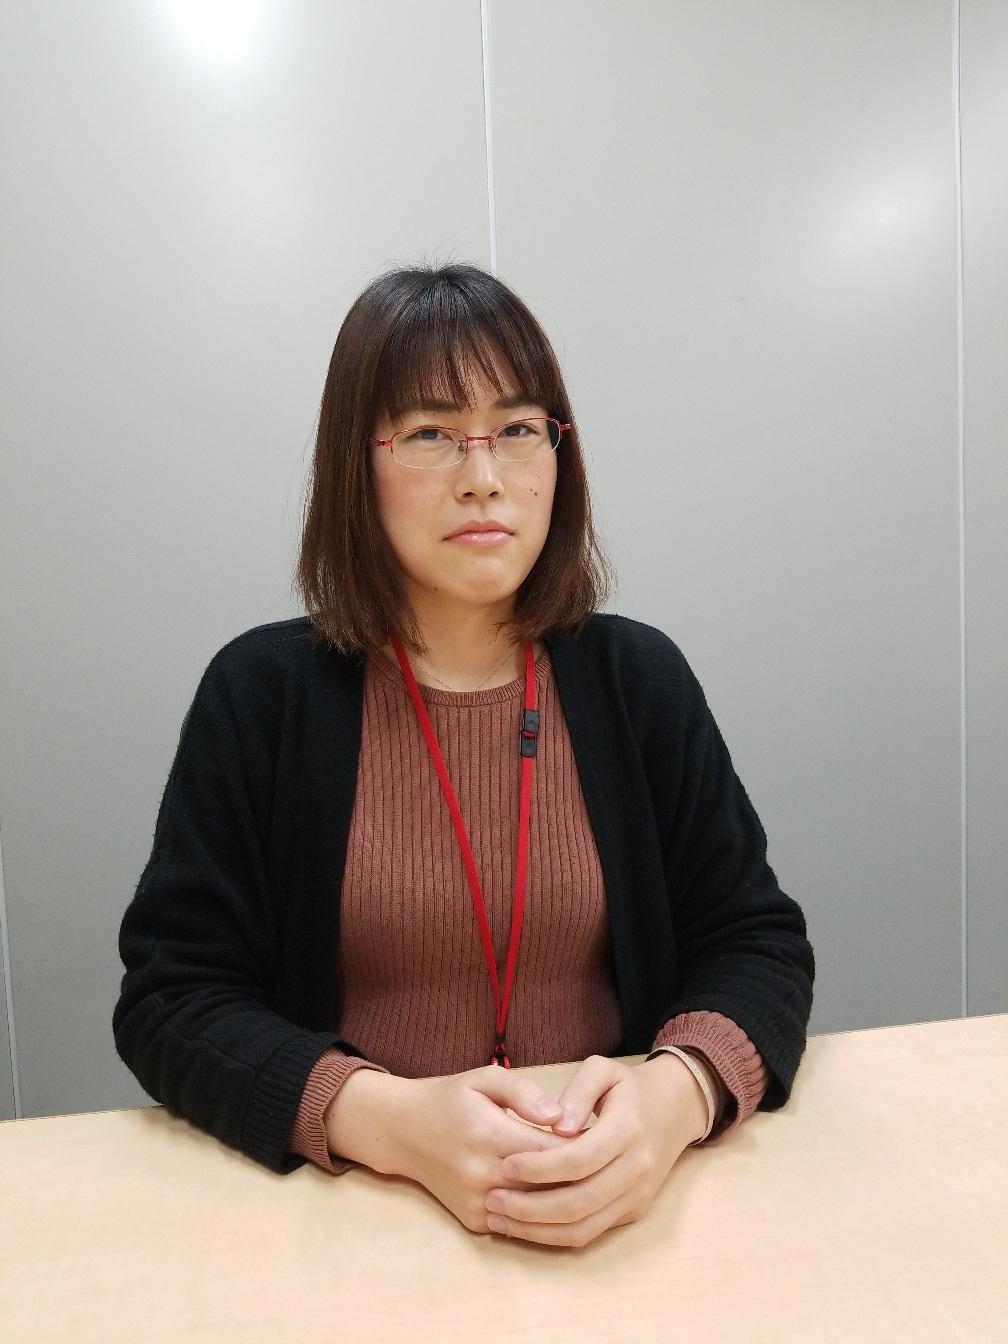 一般社員 Y.Iさん(2011年新卒採用入社 環境情報学部)